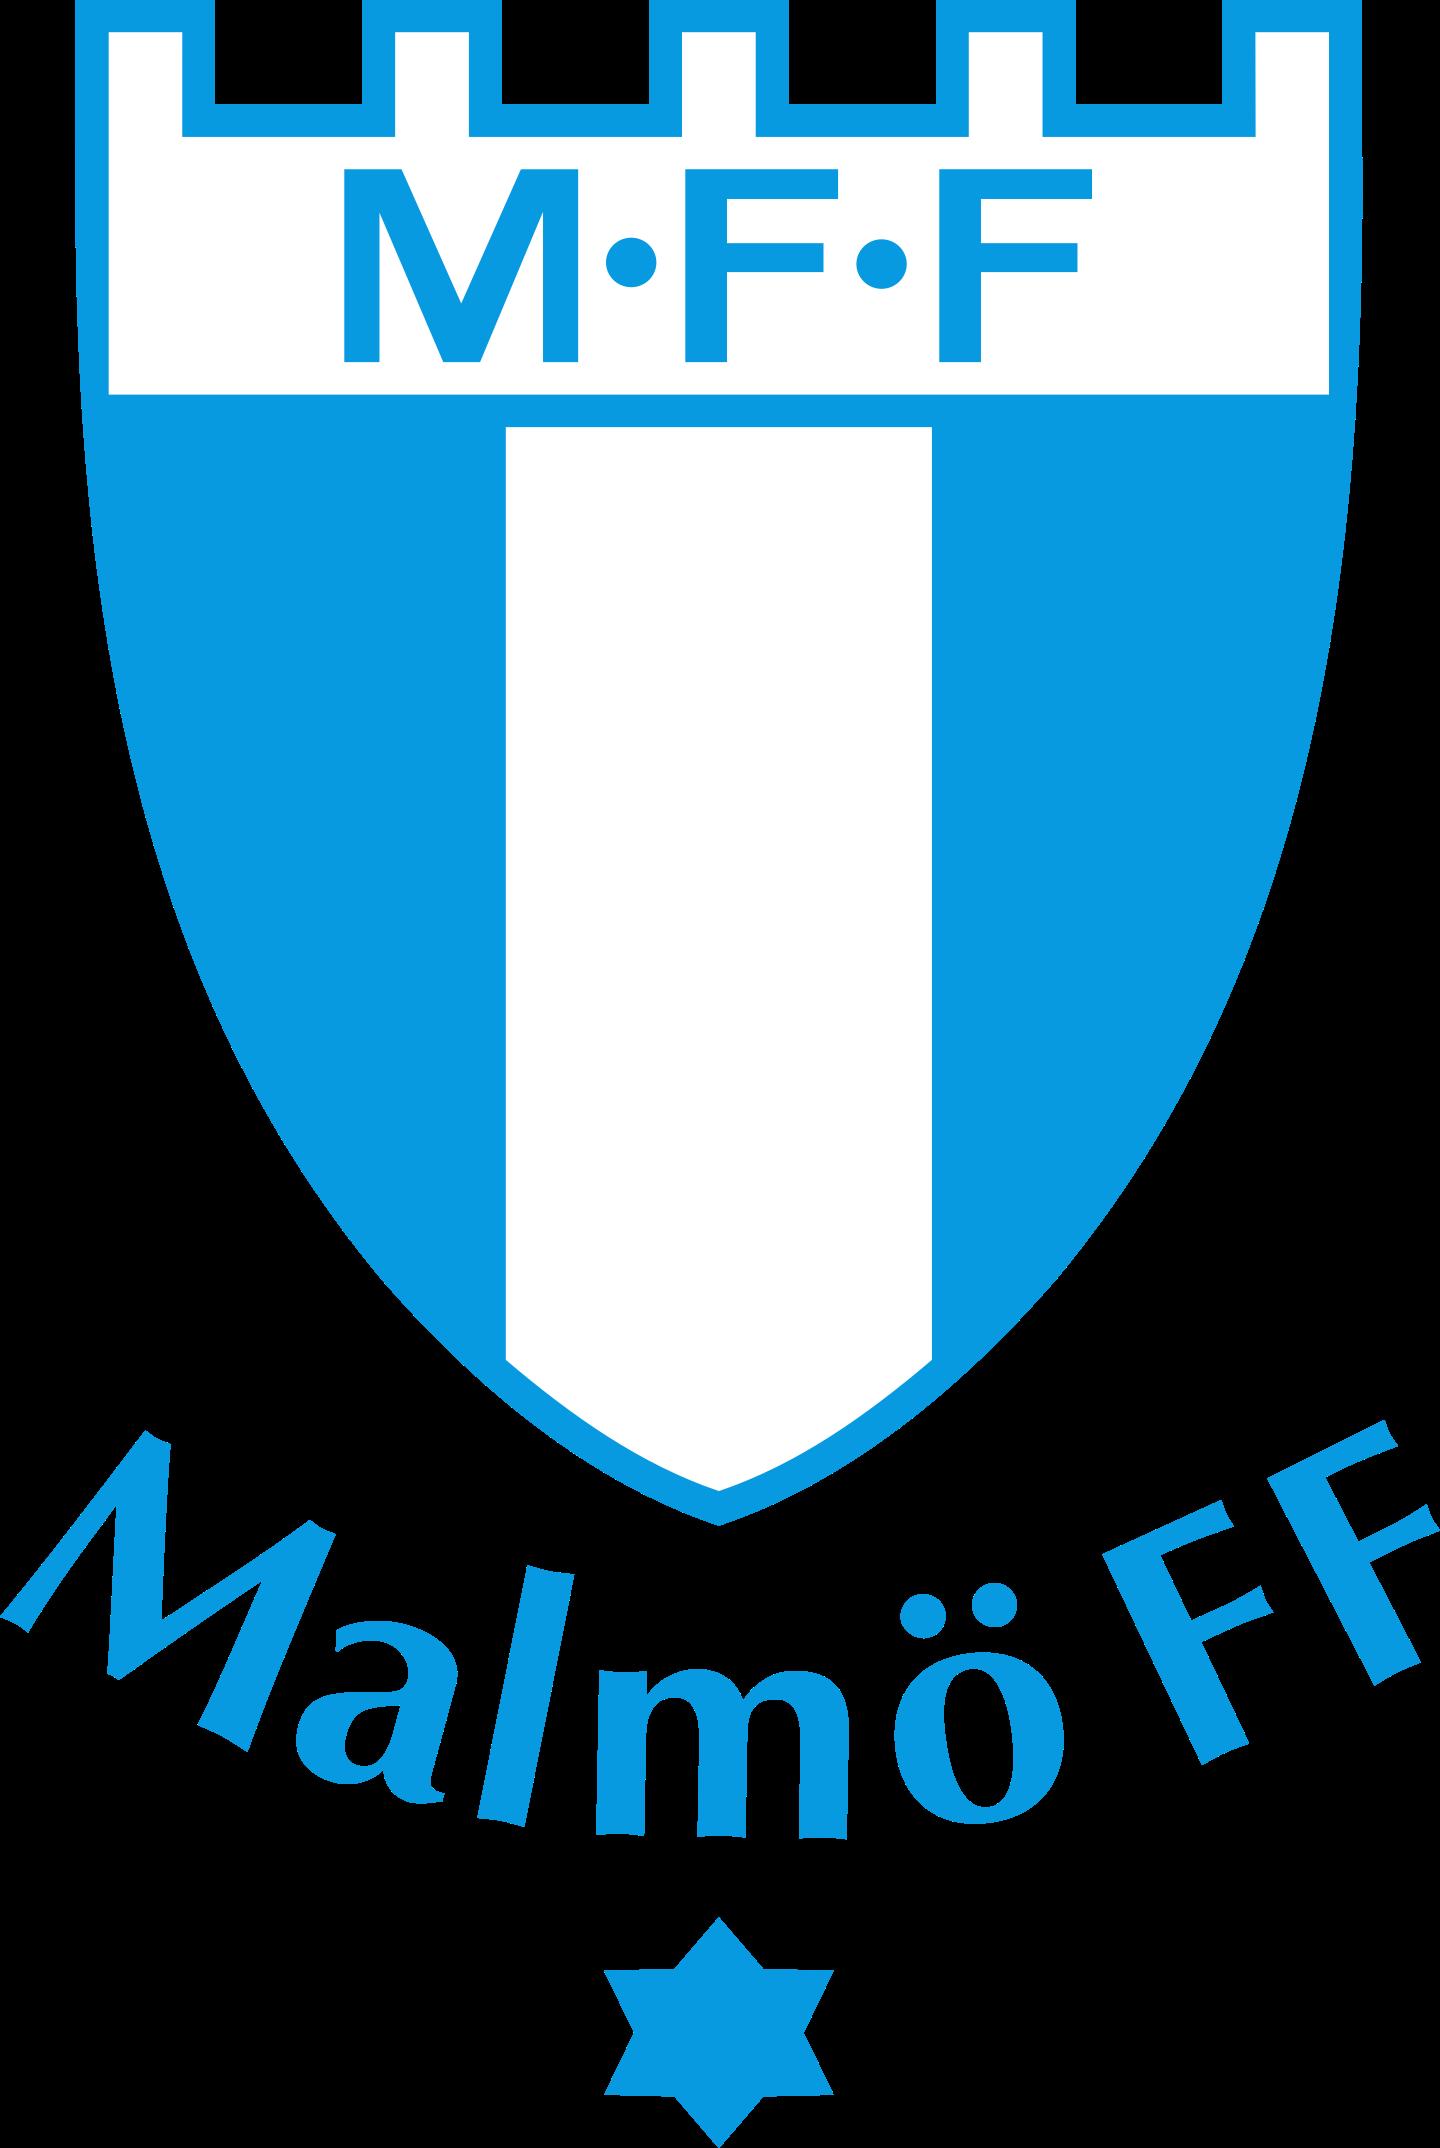 malmo ff logo 2 - Malmo FF Logo